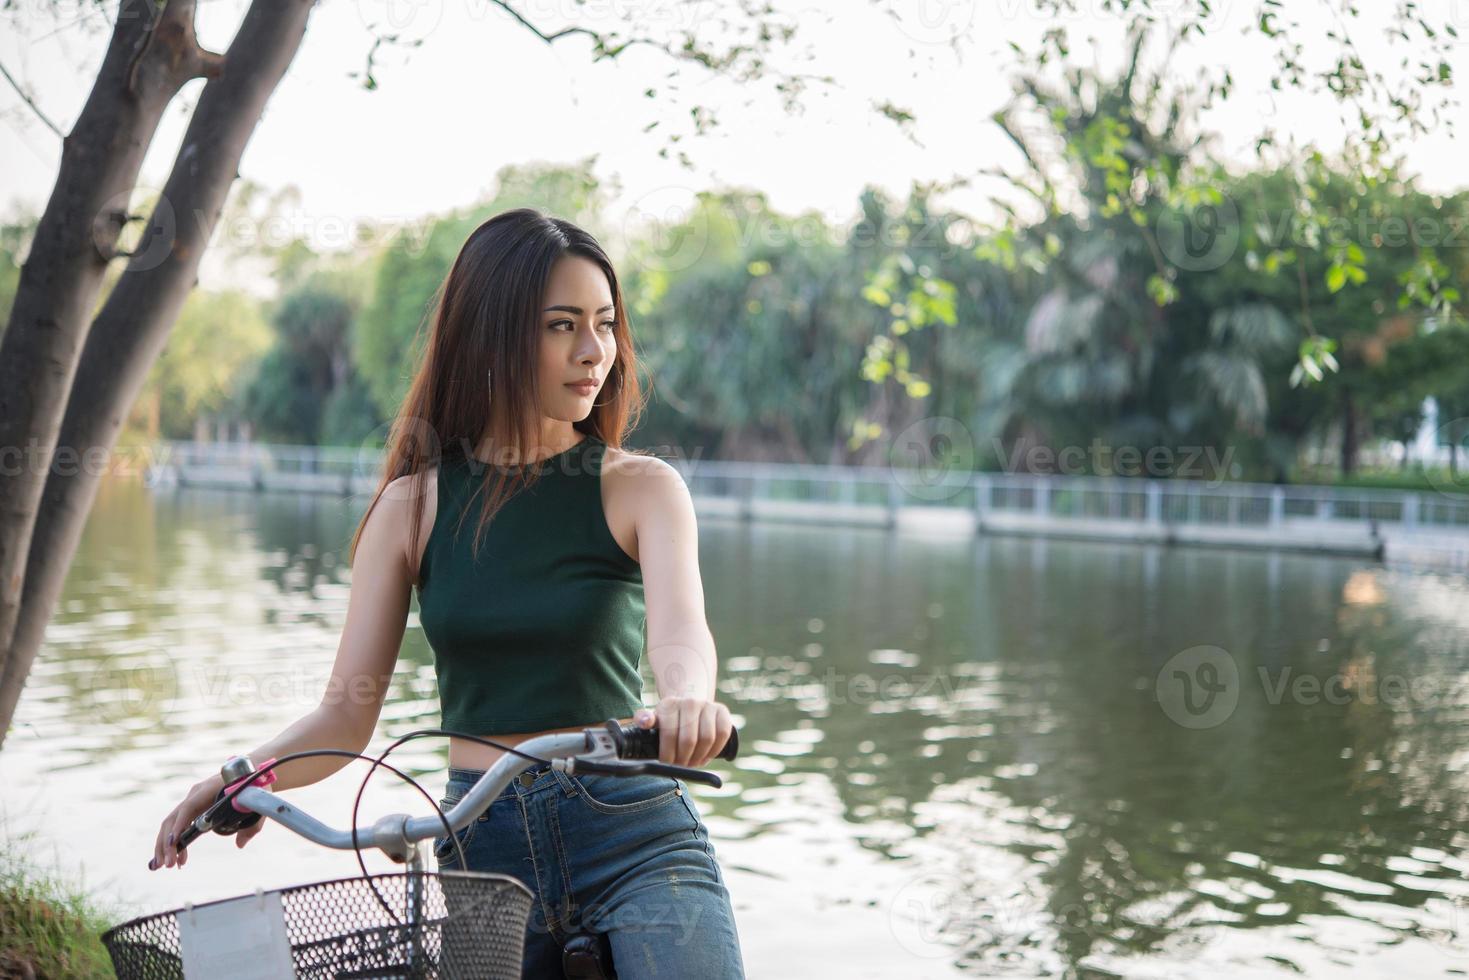 schöne junge Frau, die Fahrrad im grünen Park reitet foto